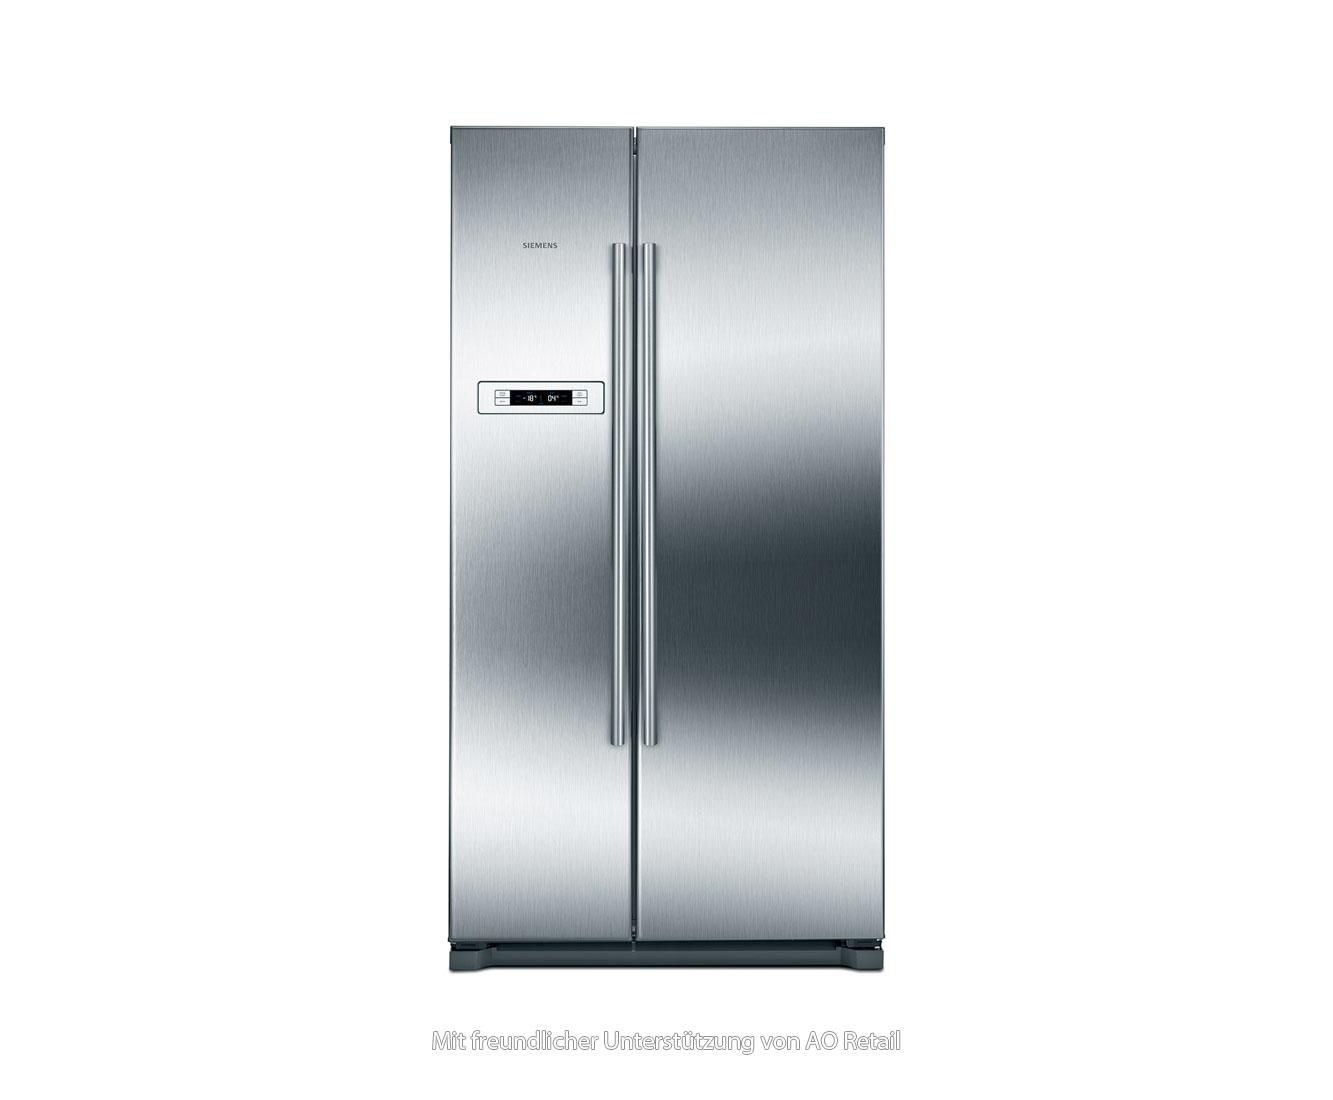 Siemens Kühlschrank Temperatur Zu Warm : Siemens iq ka nvi amerikanischer side by side l